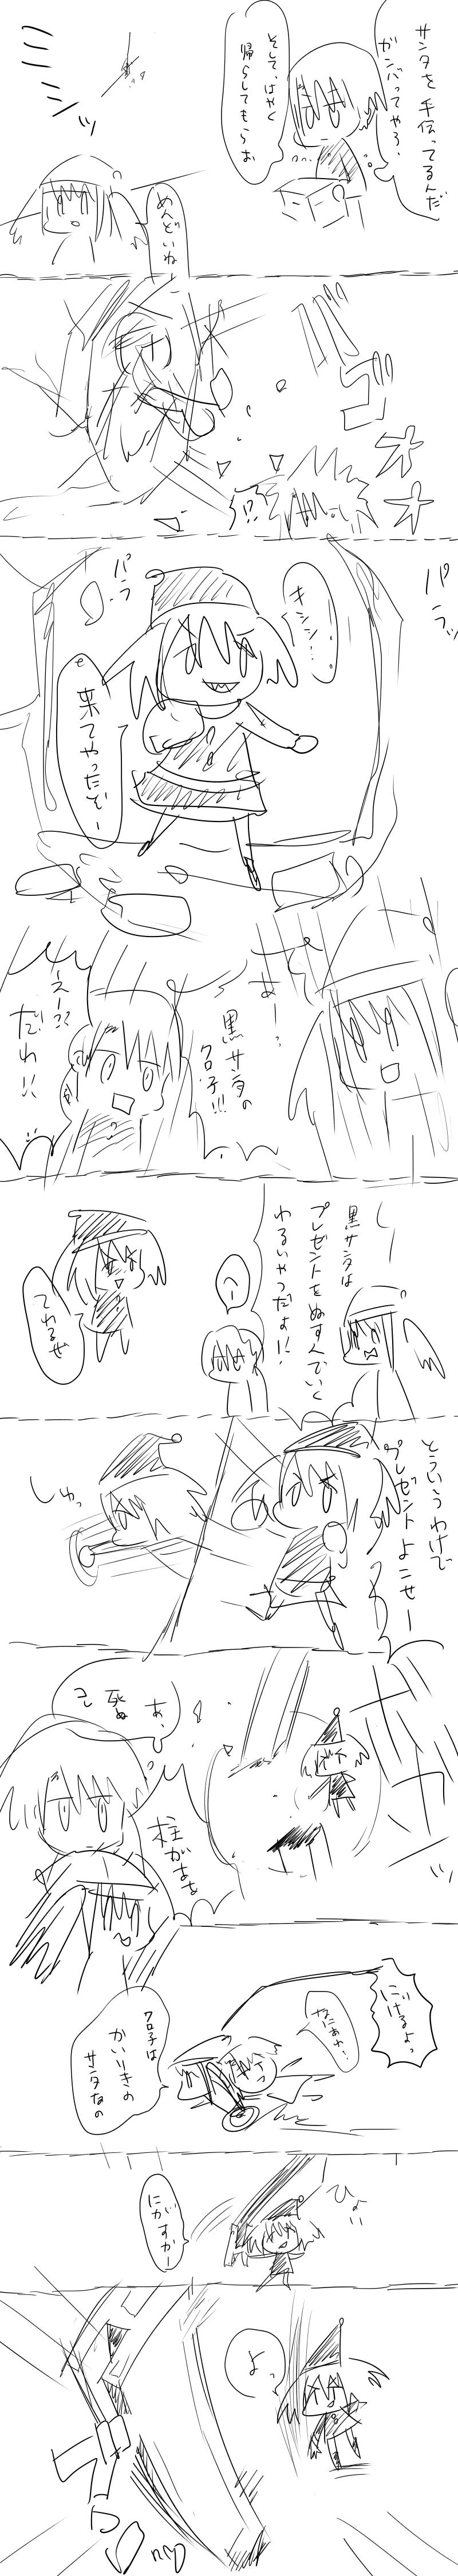 クリスマス漫画6